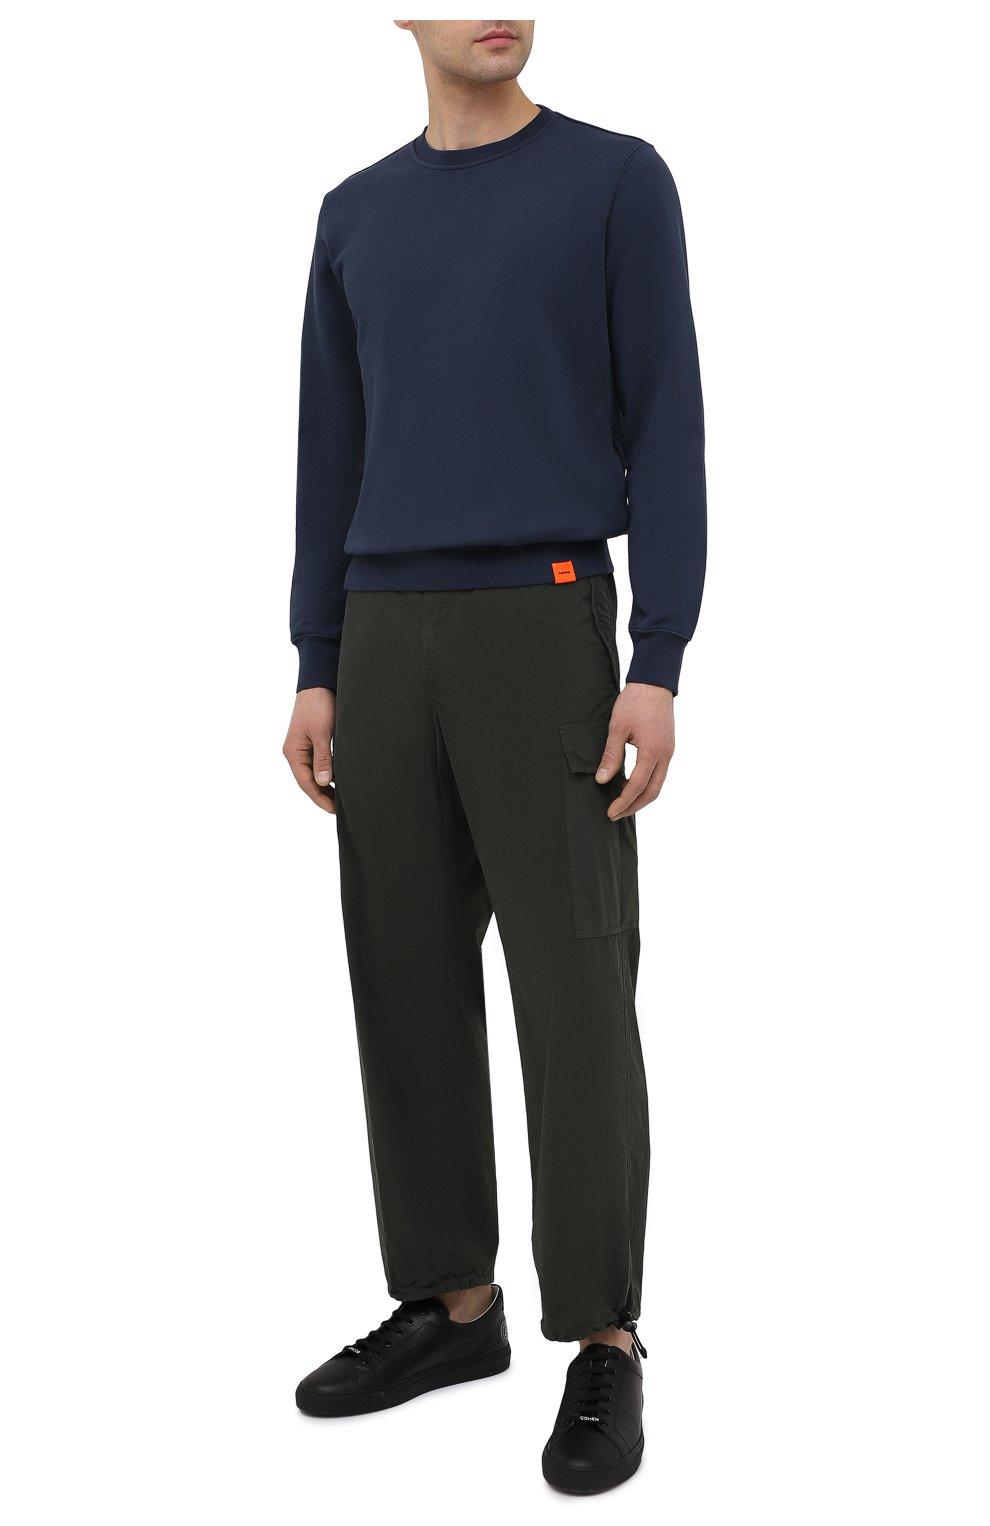 Мужской хлопковый свитшот ASPESI темно-синего цвета, арт. S1 A AY40 G455   Фото 2 (Рукава: Длинные; Принт: Без принта; Длина (для топов): Стандартные; Мужское Кросс-КТ: свитшот-одежда; Материал внешний: Хлопок; Стили: Кэжуэл)